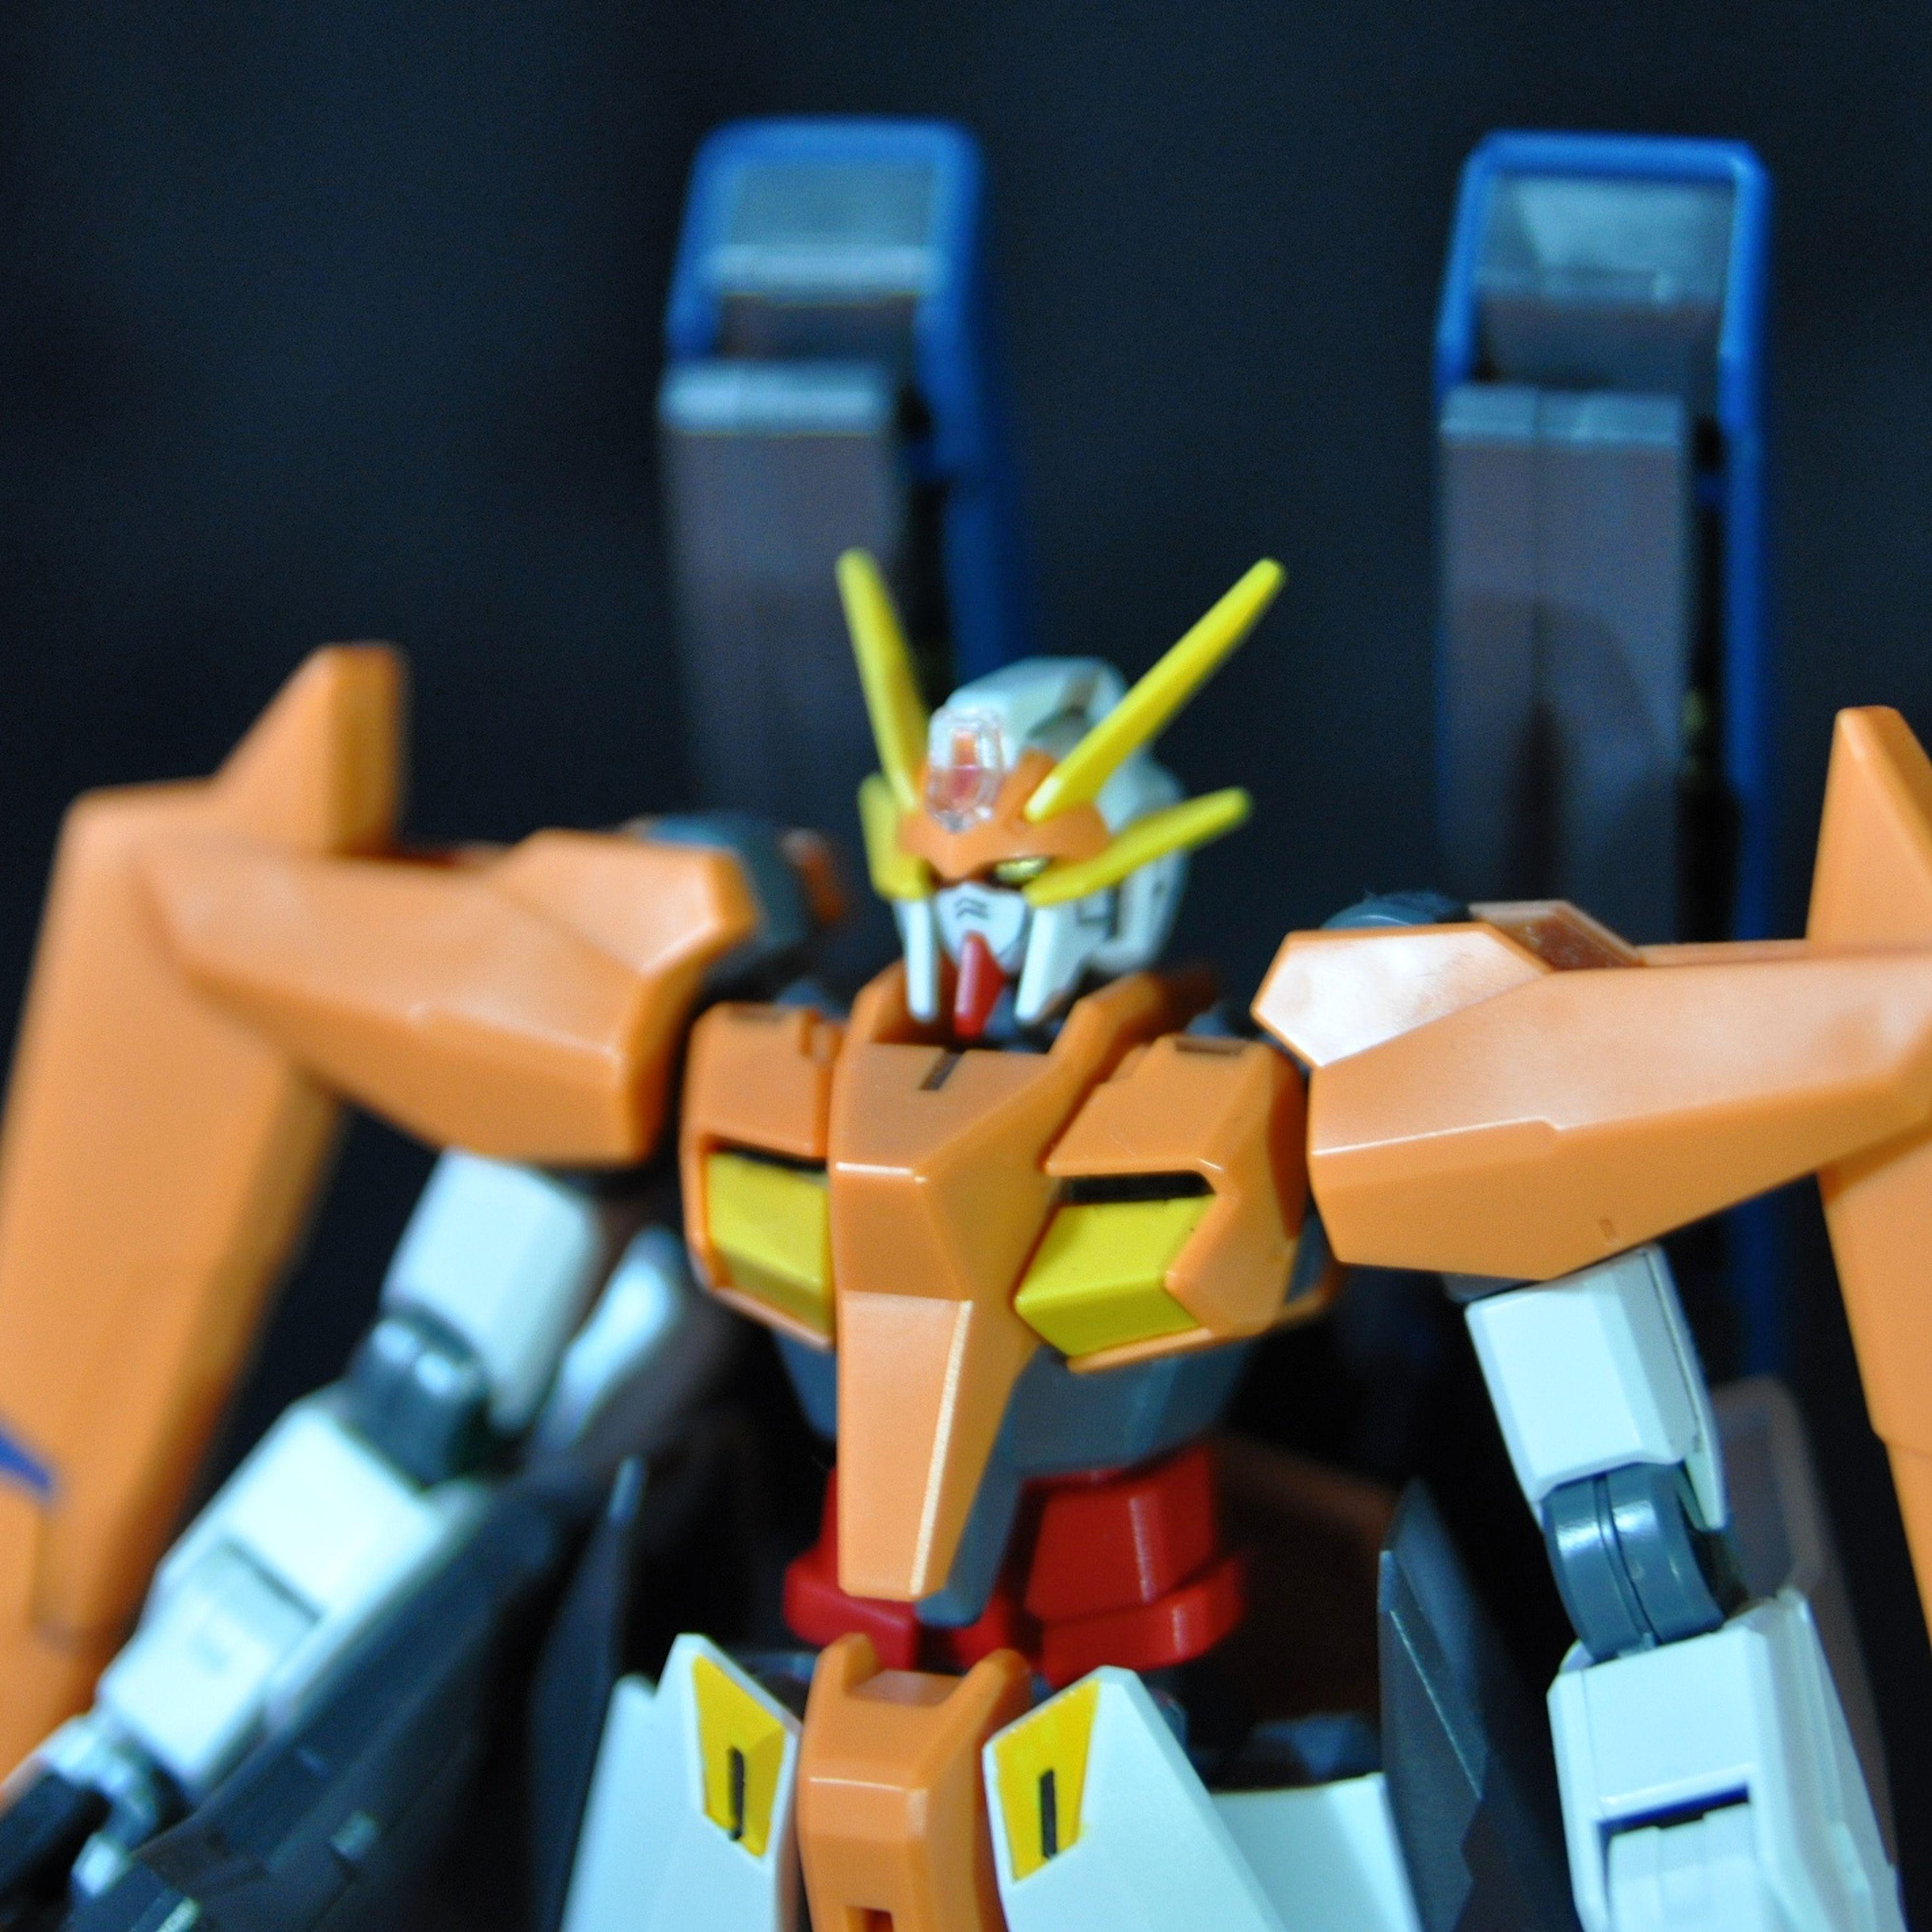 Gundam Gundam00 Arios Gunpla